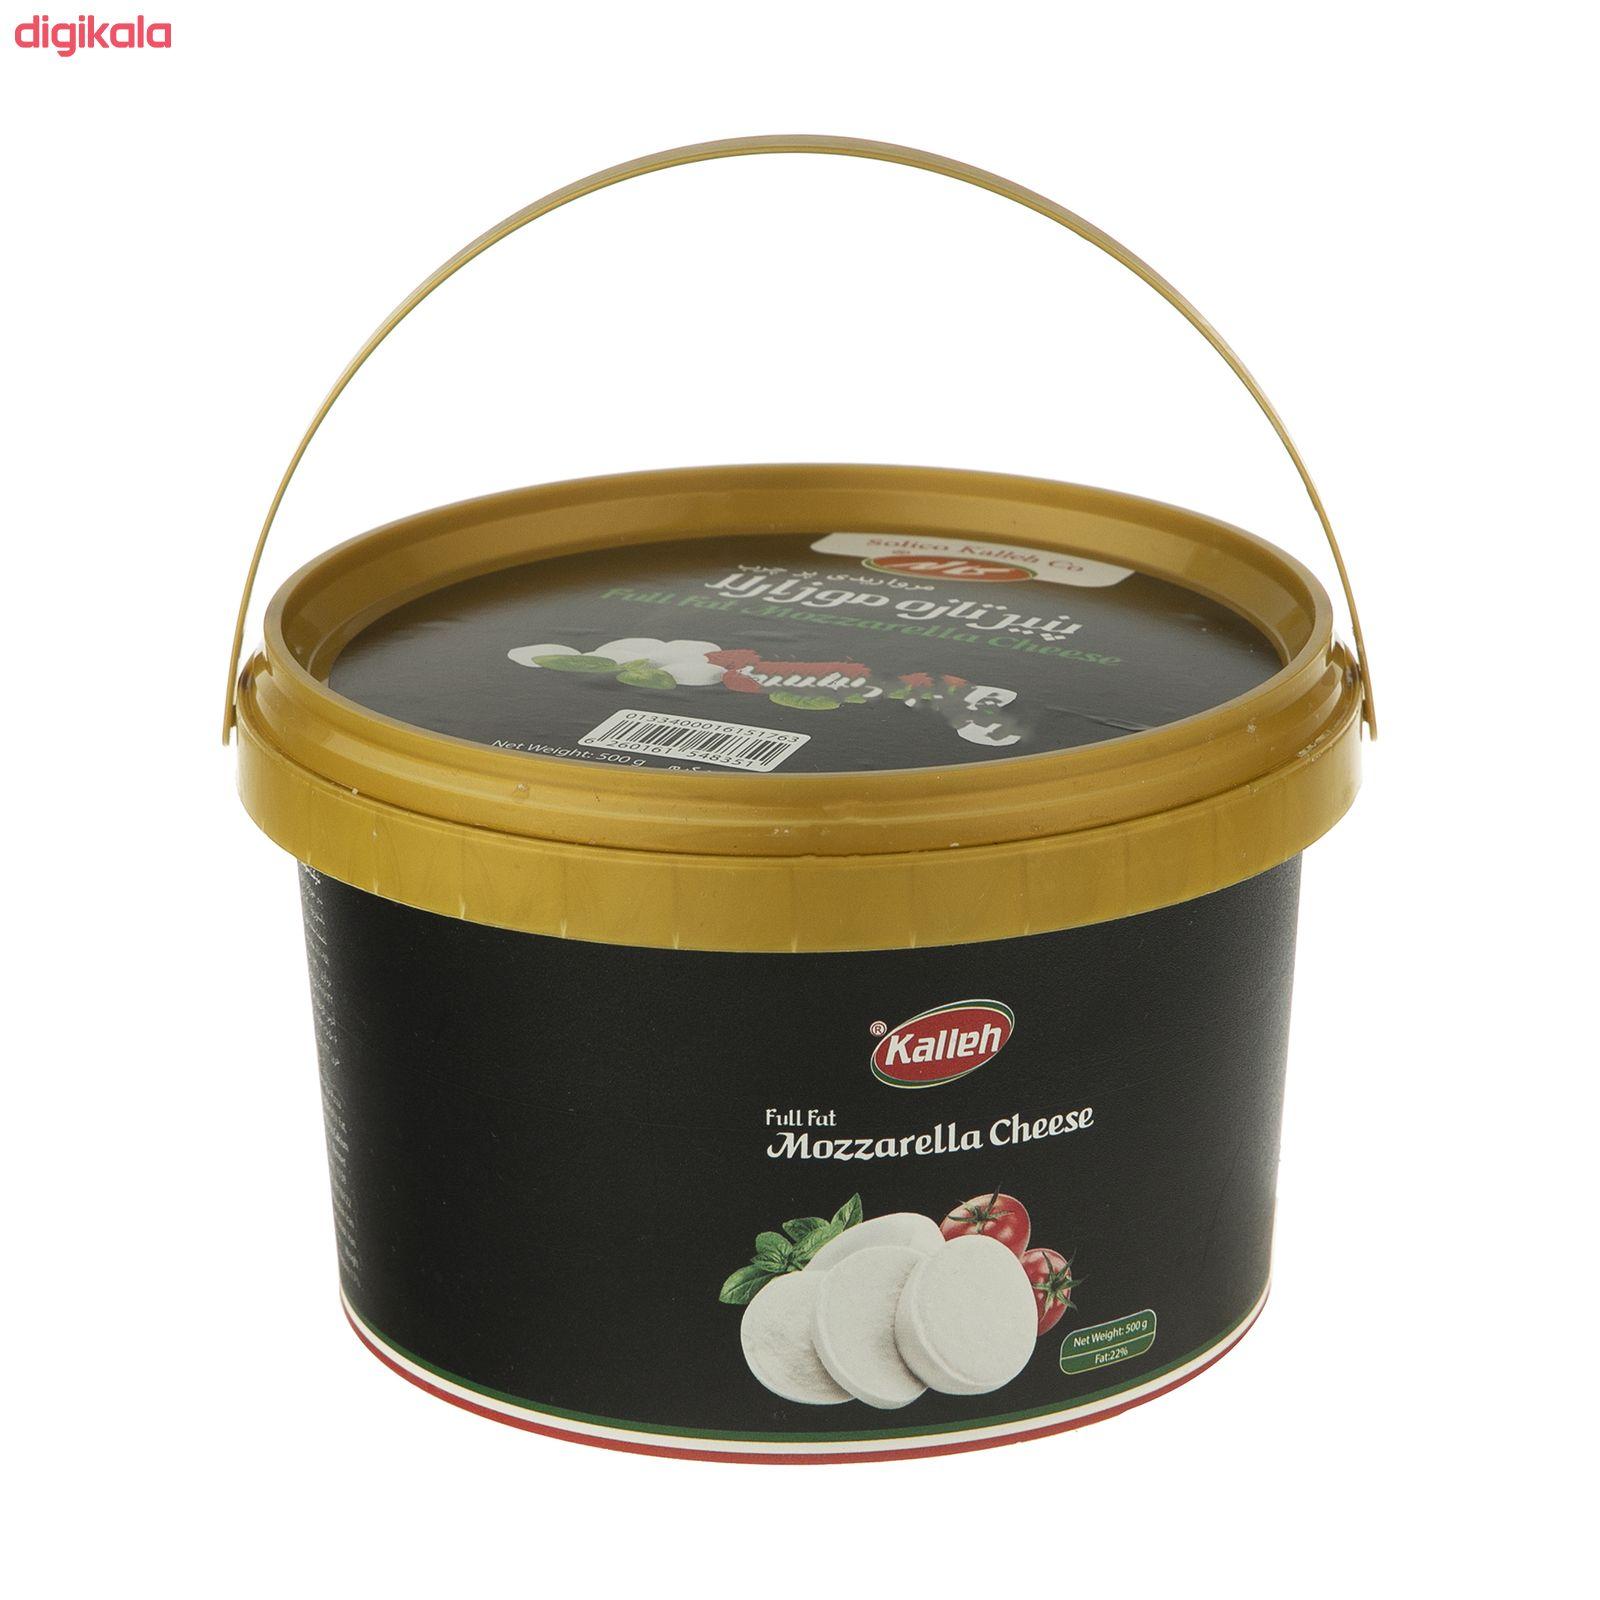 پنیر تازه موزارلا کاله مدل توپی مقدار 500 گرم main 1 5